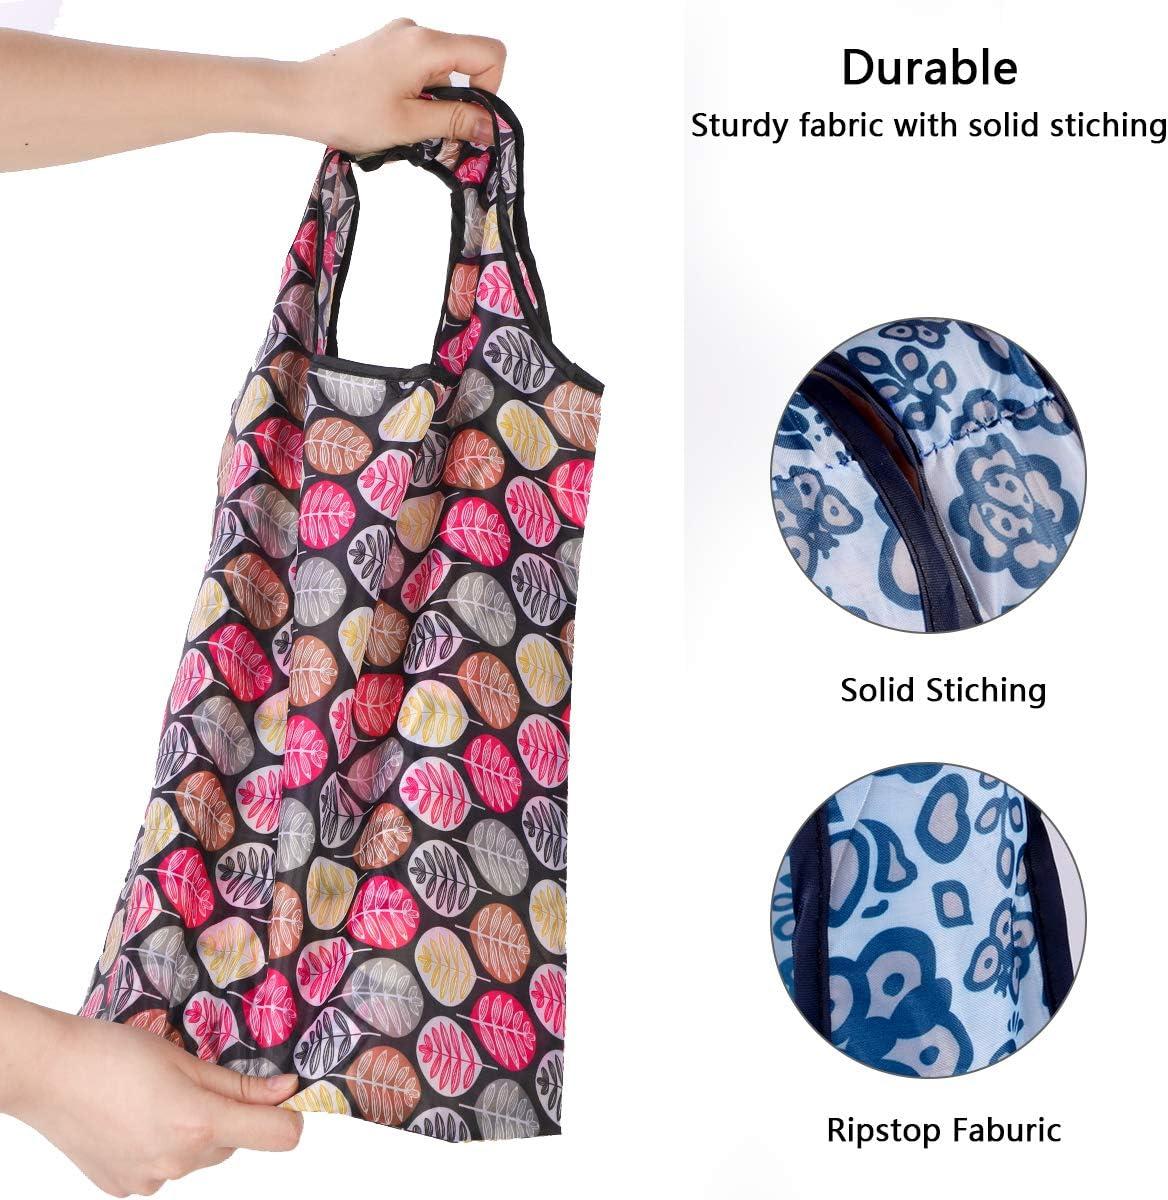 59cm*38cm Umweltfreundliche Einkaufstaschen 10 St/ücke Wiederverwendbare Einkaufstasche Faltbare Einkaufstasche Faltbar Einkaufst/üten Tragbare Einkaufstasche Langlebig,Wasserdicht,Waschmaschinenfest